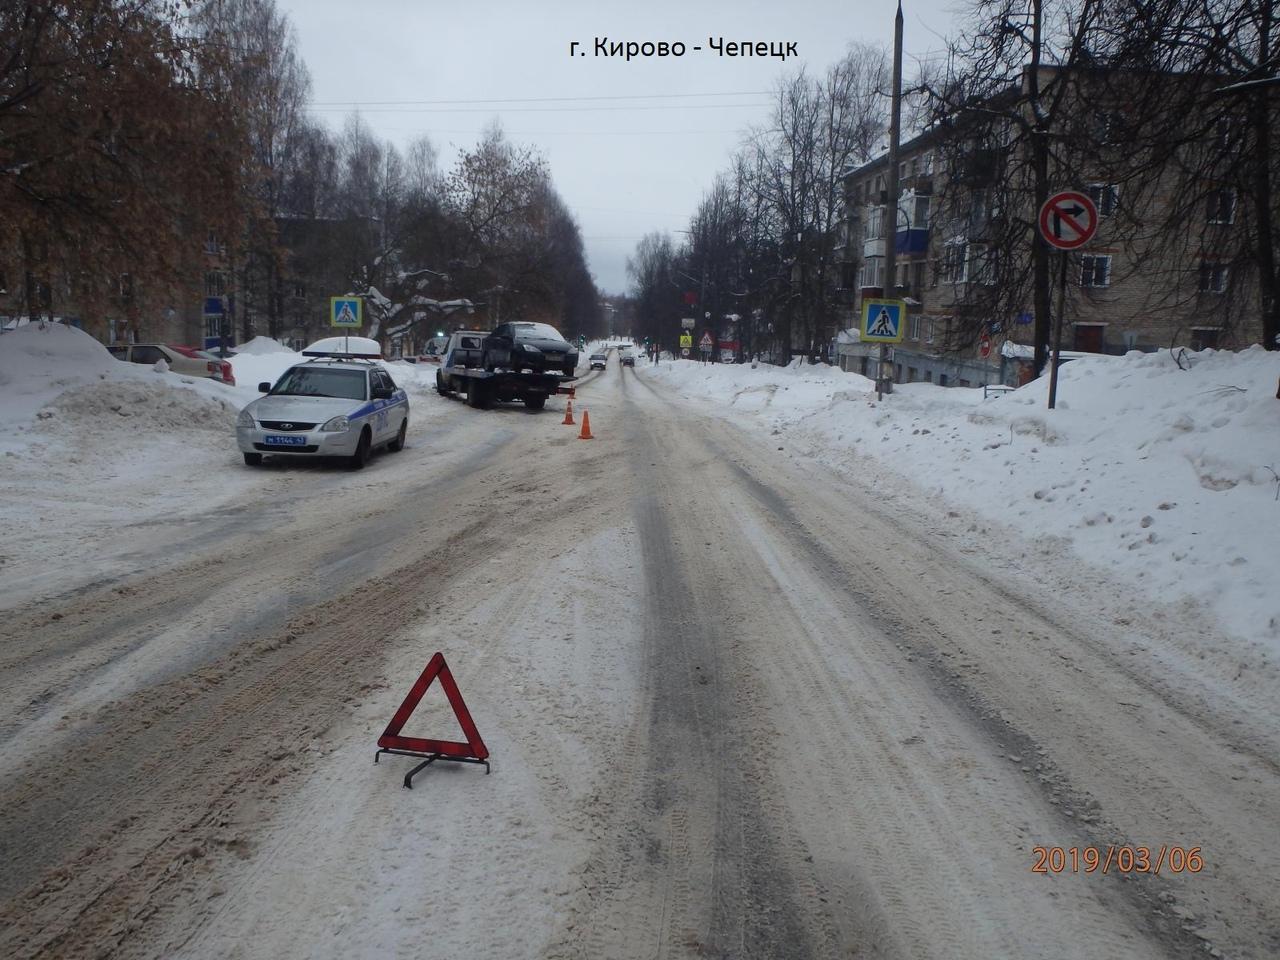 В Кирово-Чепецке автомобиль сбил мальчика, который перебегал дорогу по зебре